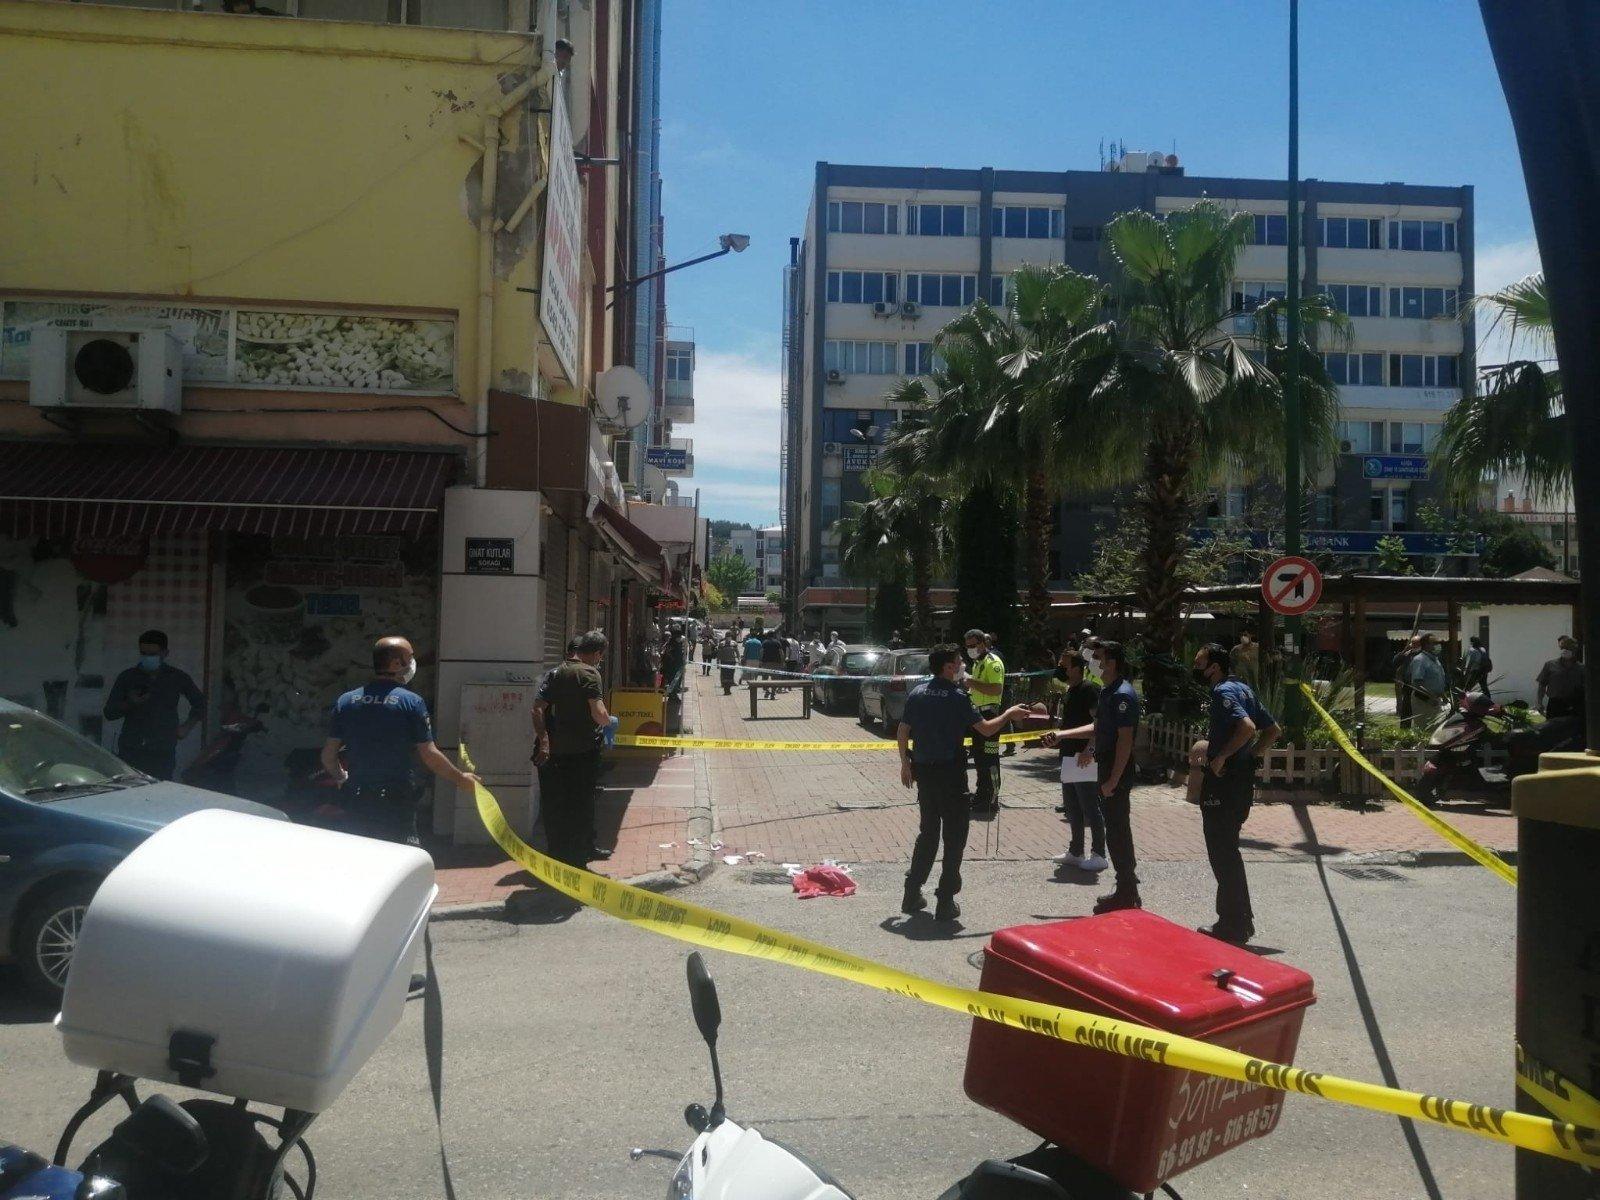 İzmir'de iş yerine silahlı saldırı: 2 ölü 1 ağır yaralı